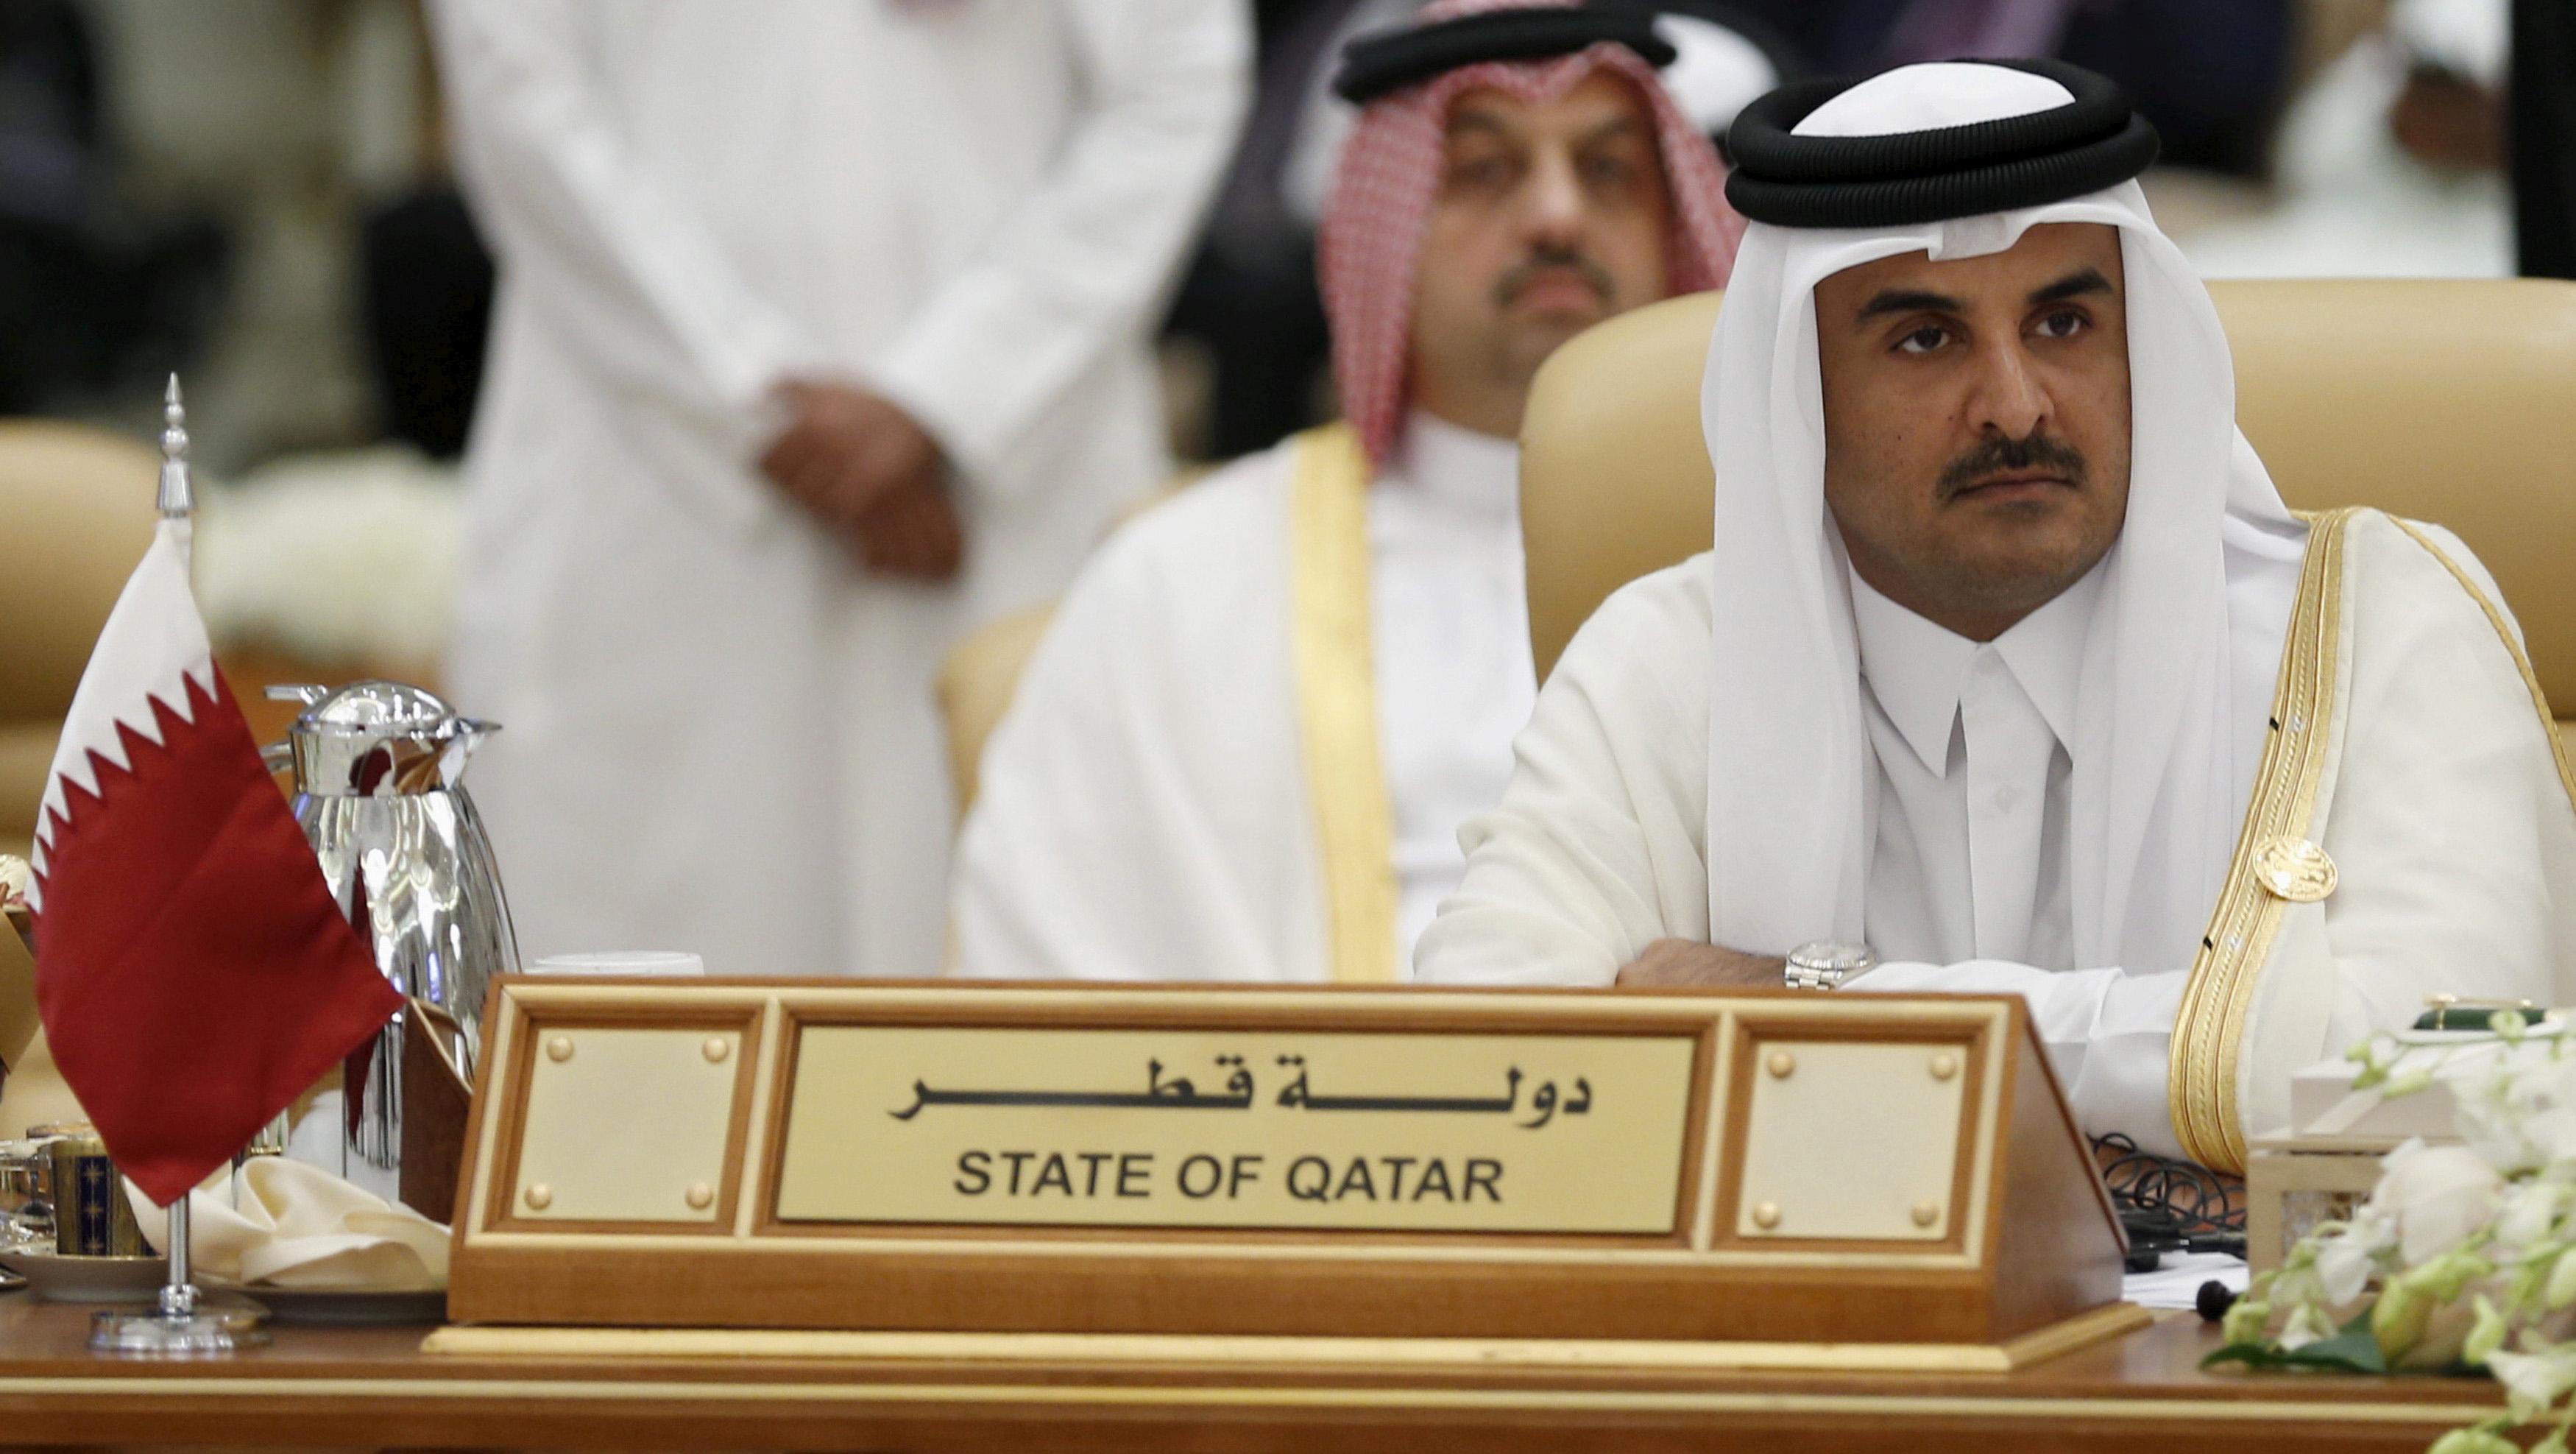 Catar lamenta ruptura diplomática ordenada por 4 países árabes